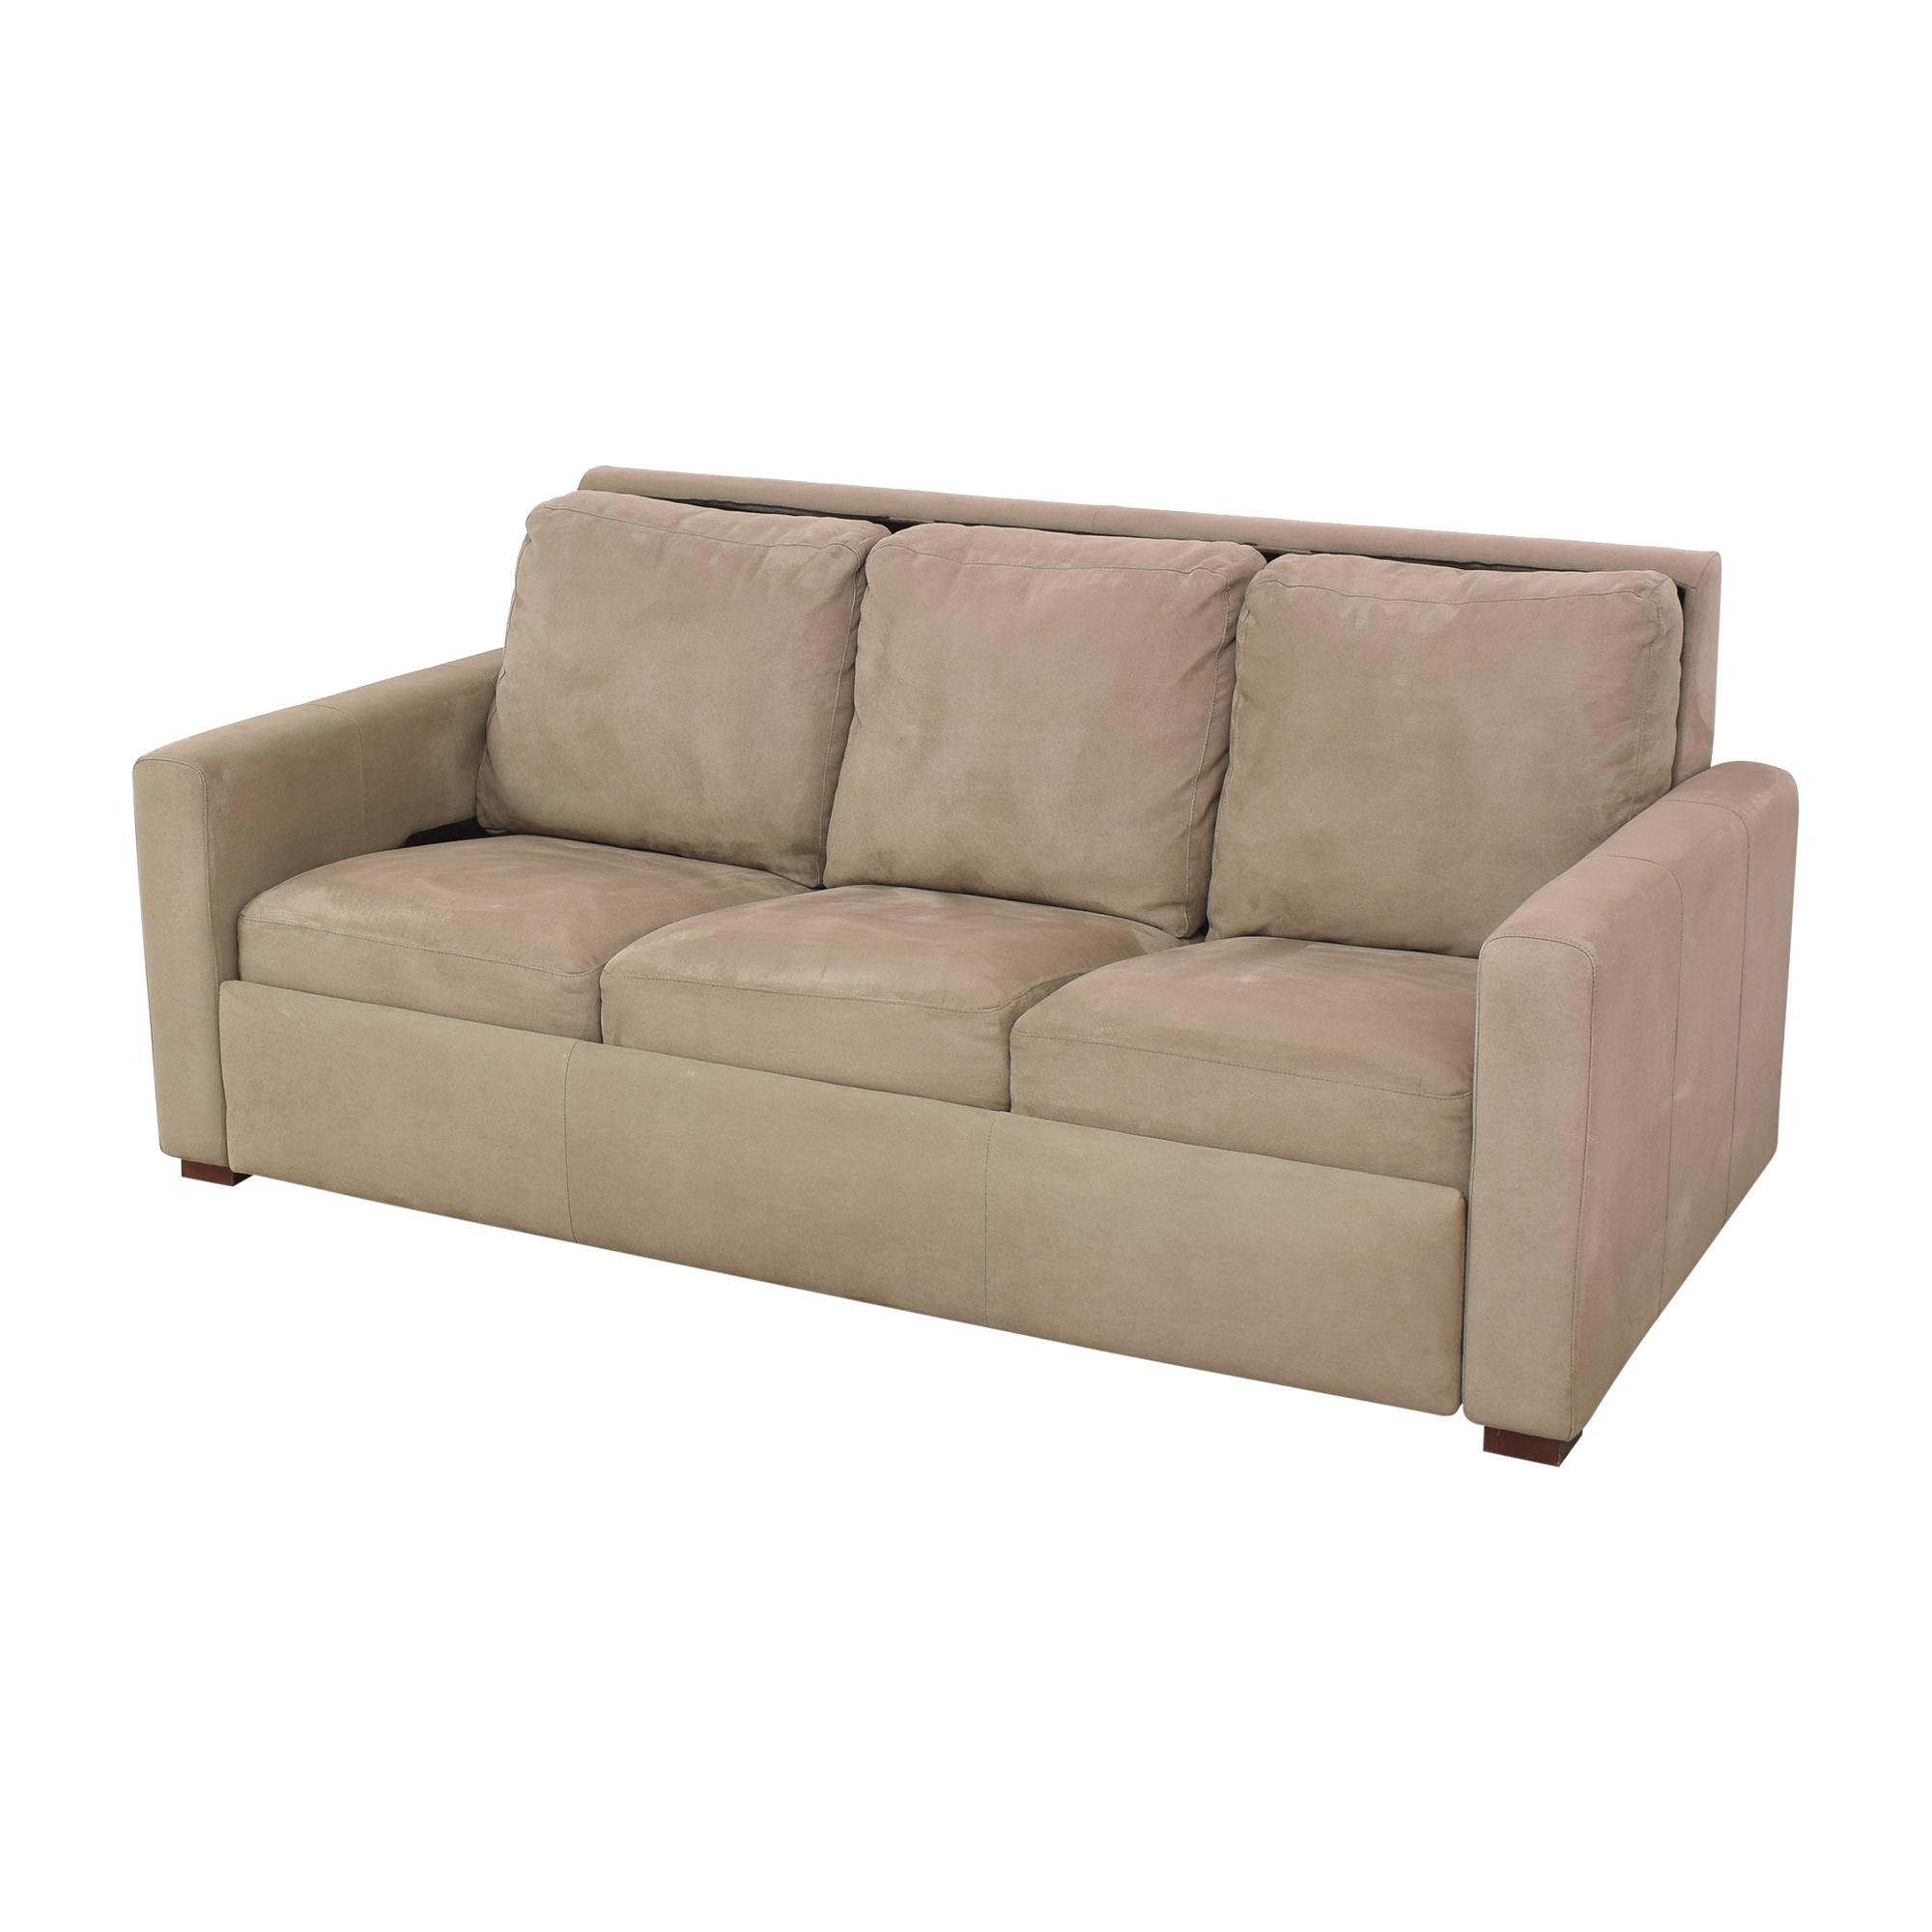 Room & Board Room & Board Allston Sleeper Sofa pa